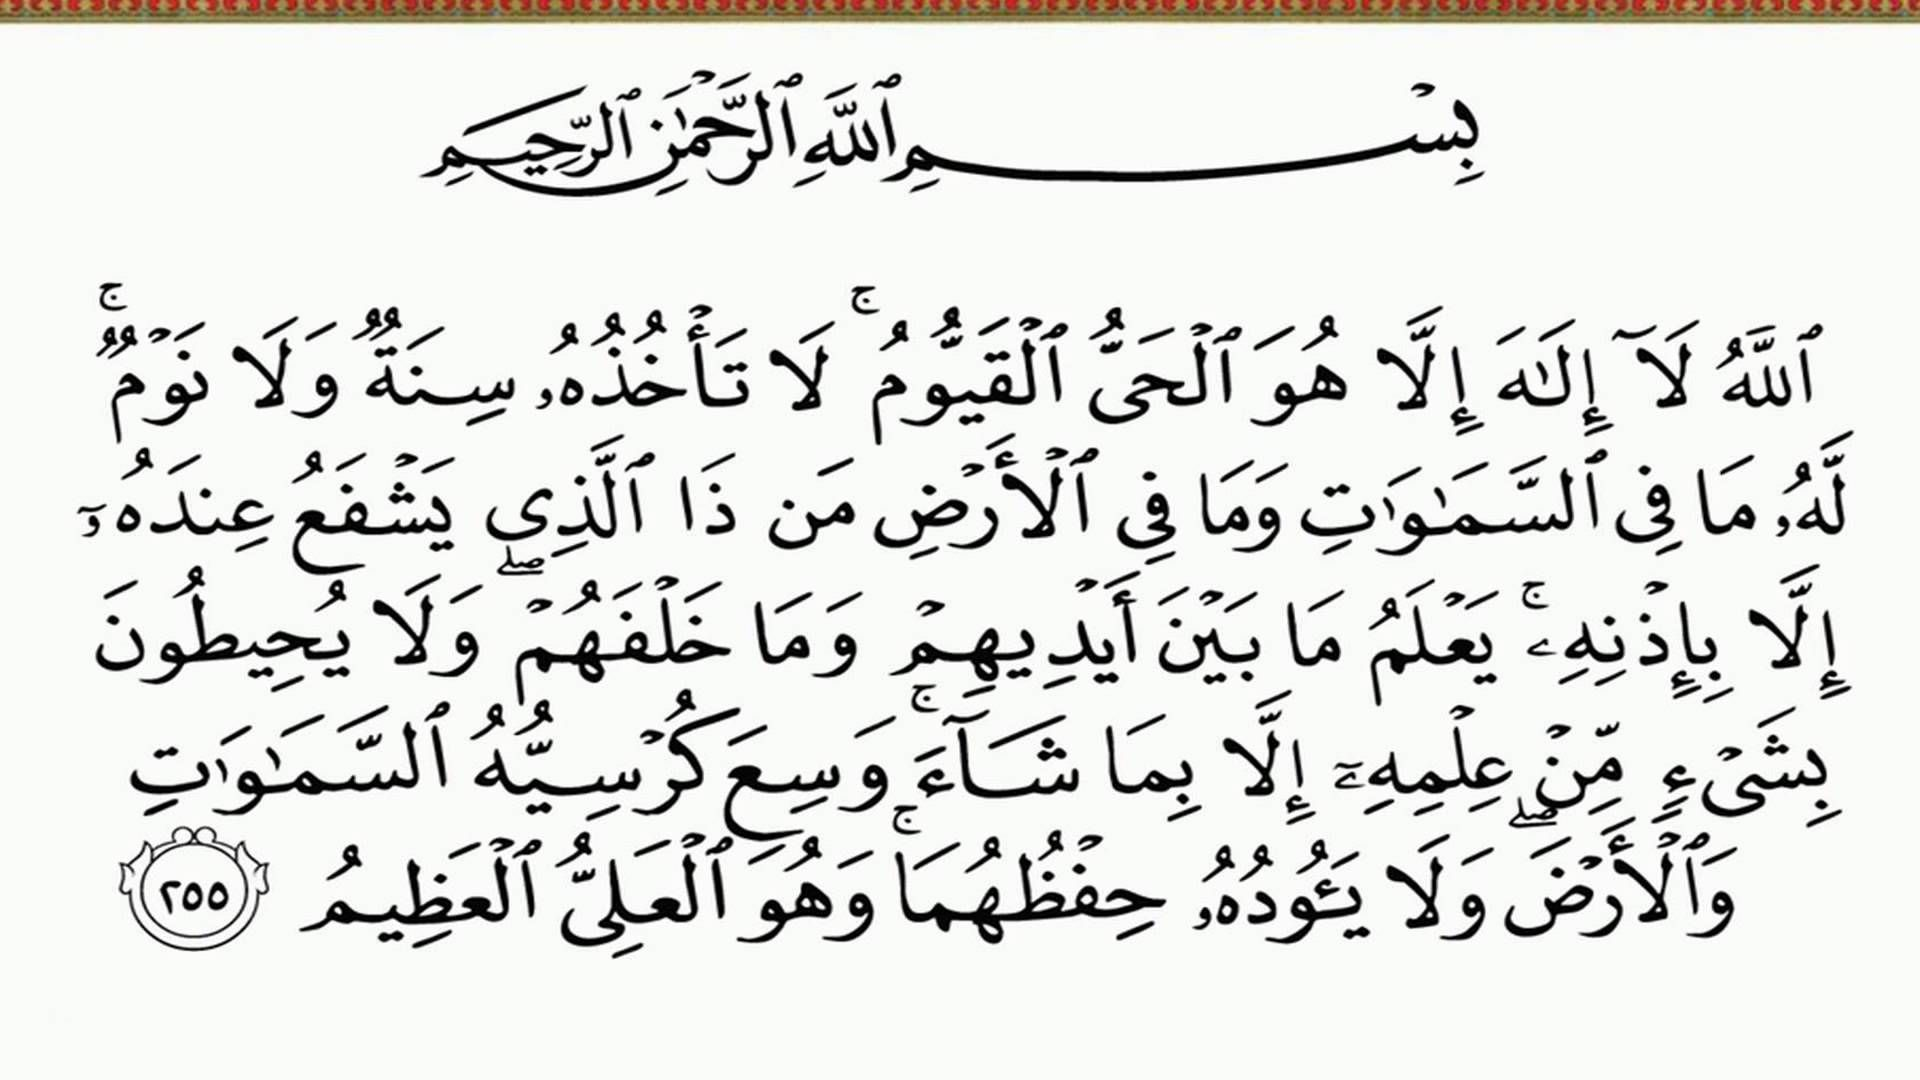 ايات القران الكريم Buscar Con Google Quran Verses Verses Words Quotes